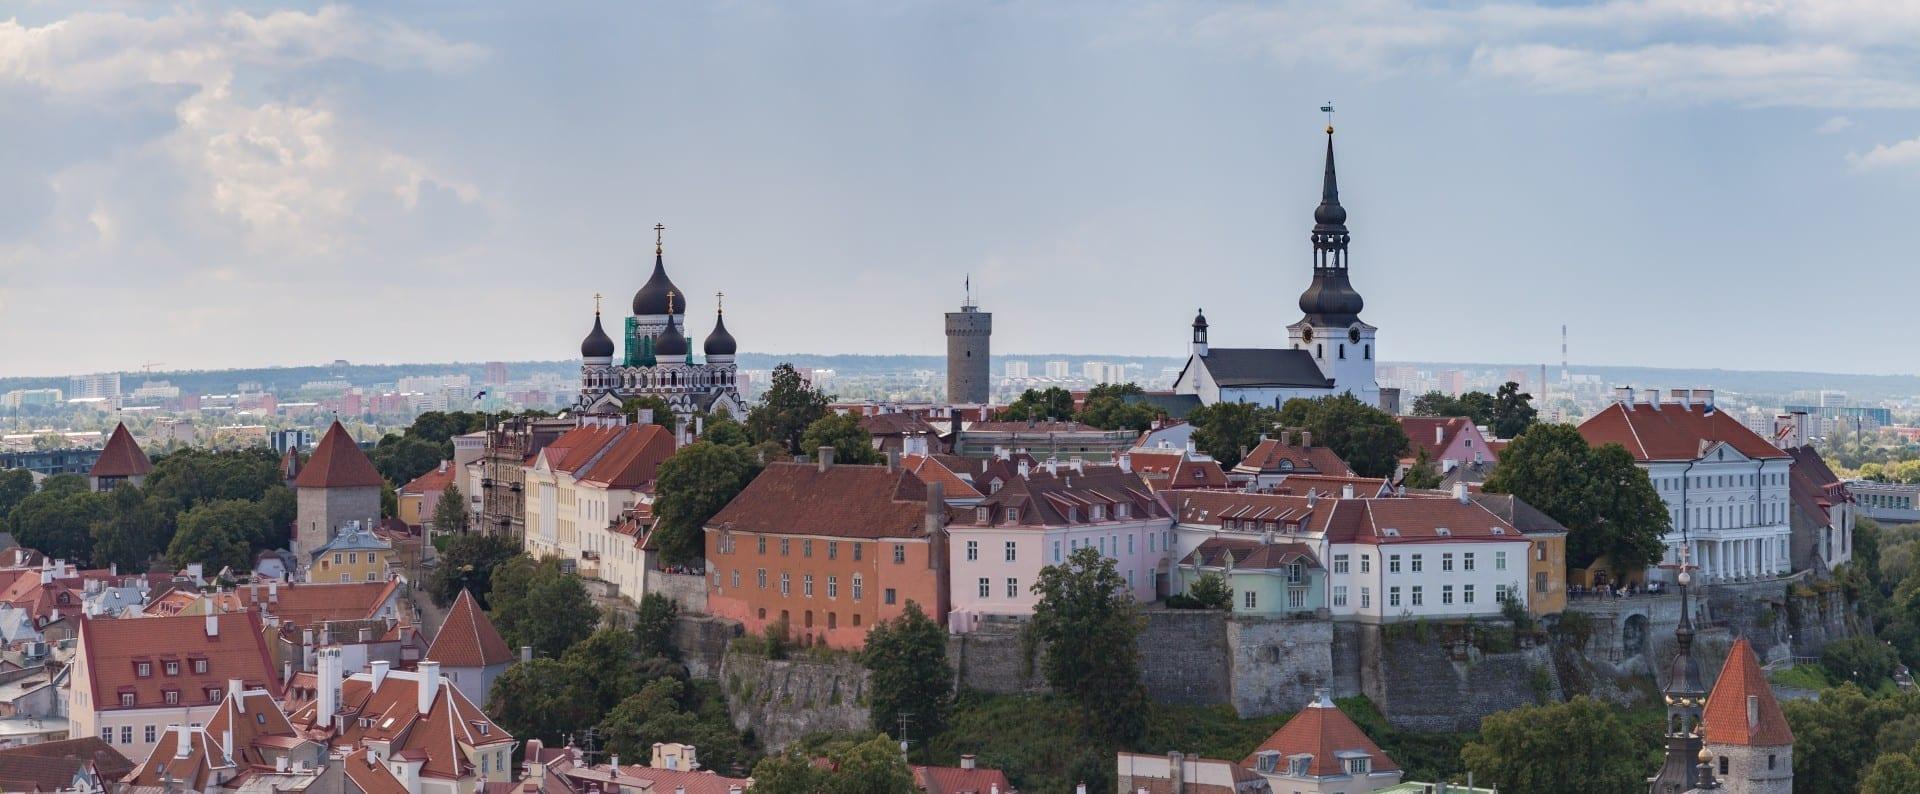 La colina de Toompea vista desde la torre de la iglesia de San Olof Tallinn Estonia